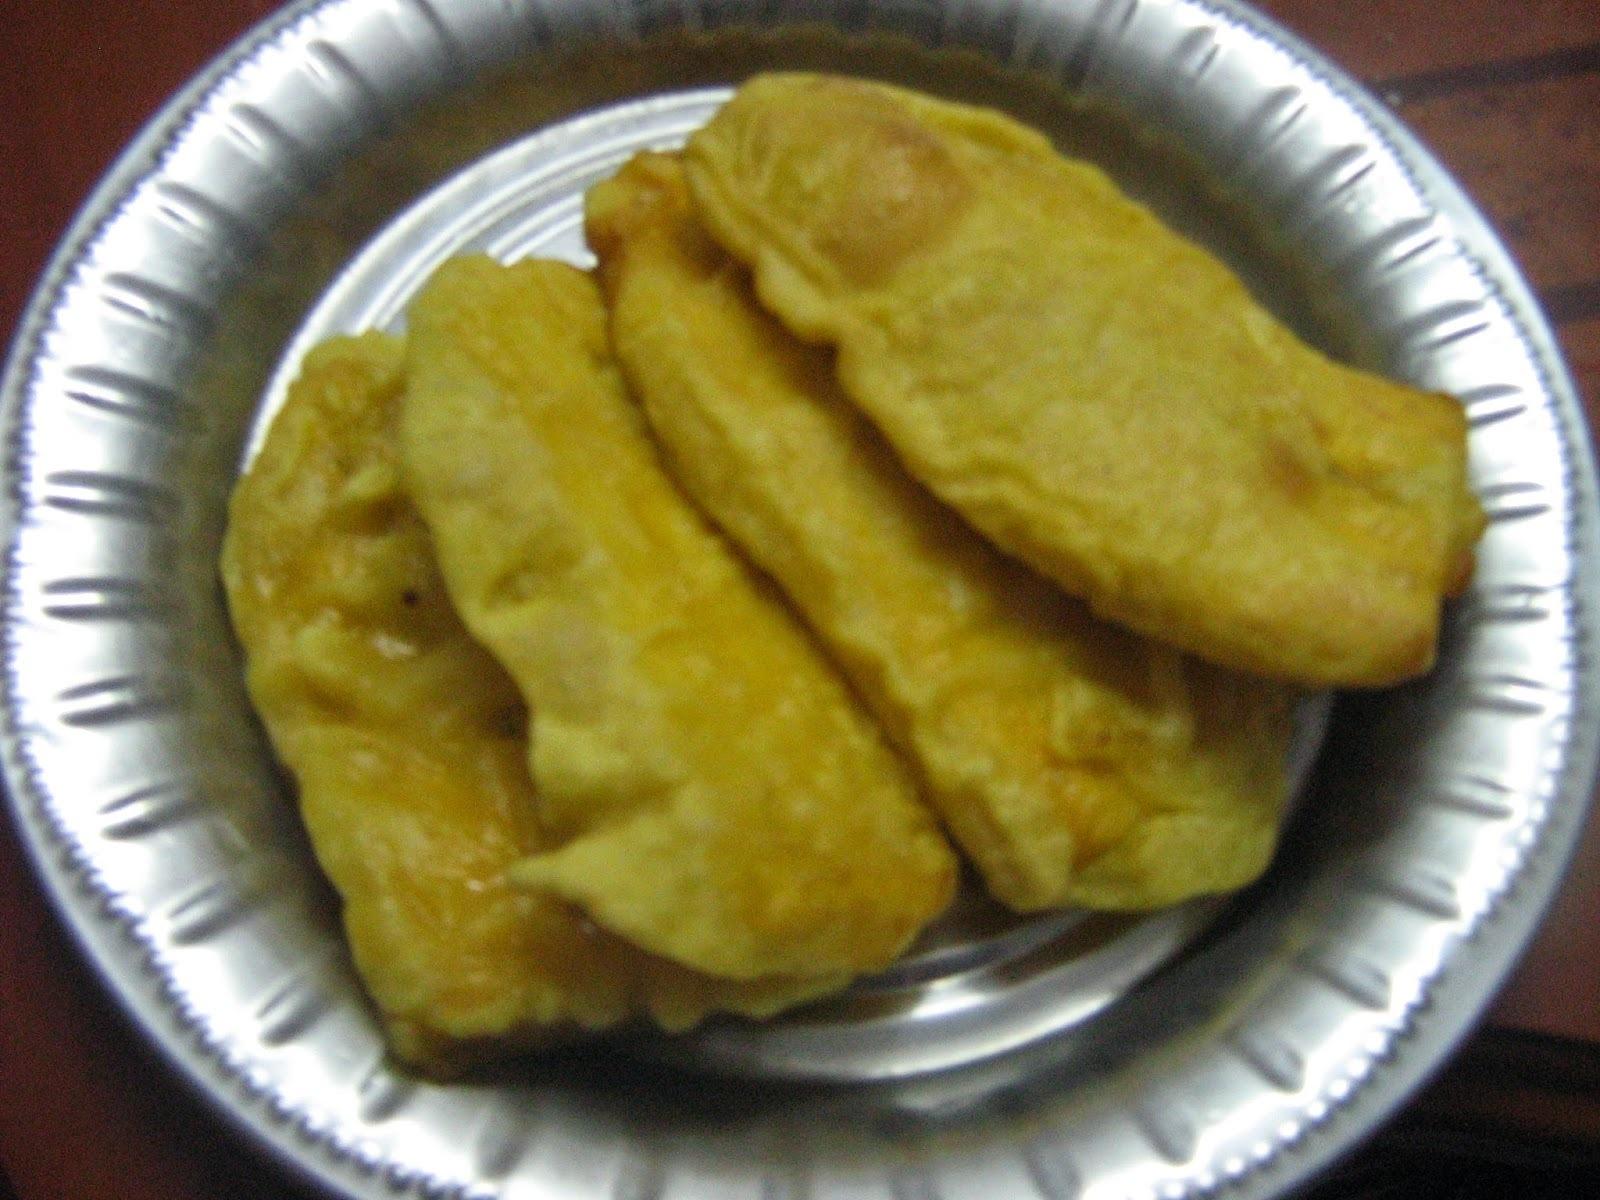 Pazham pori / Ethakkappam / Banana fritters